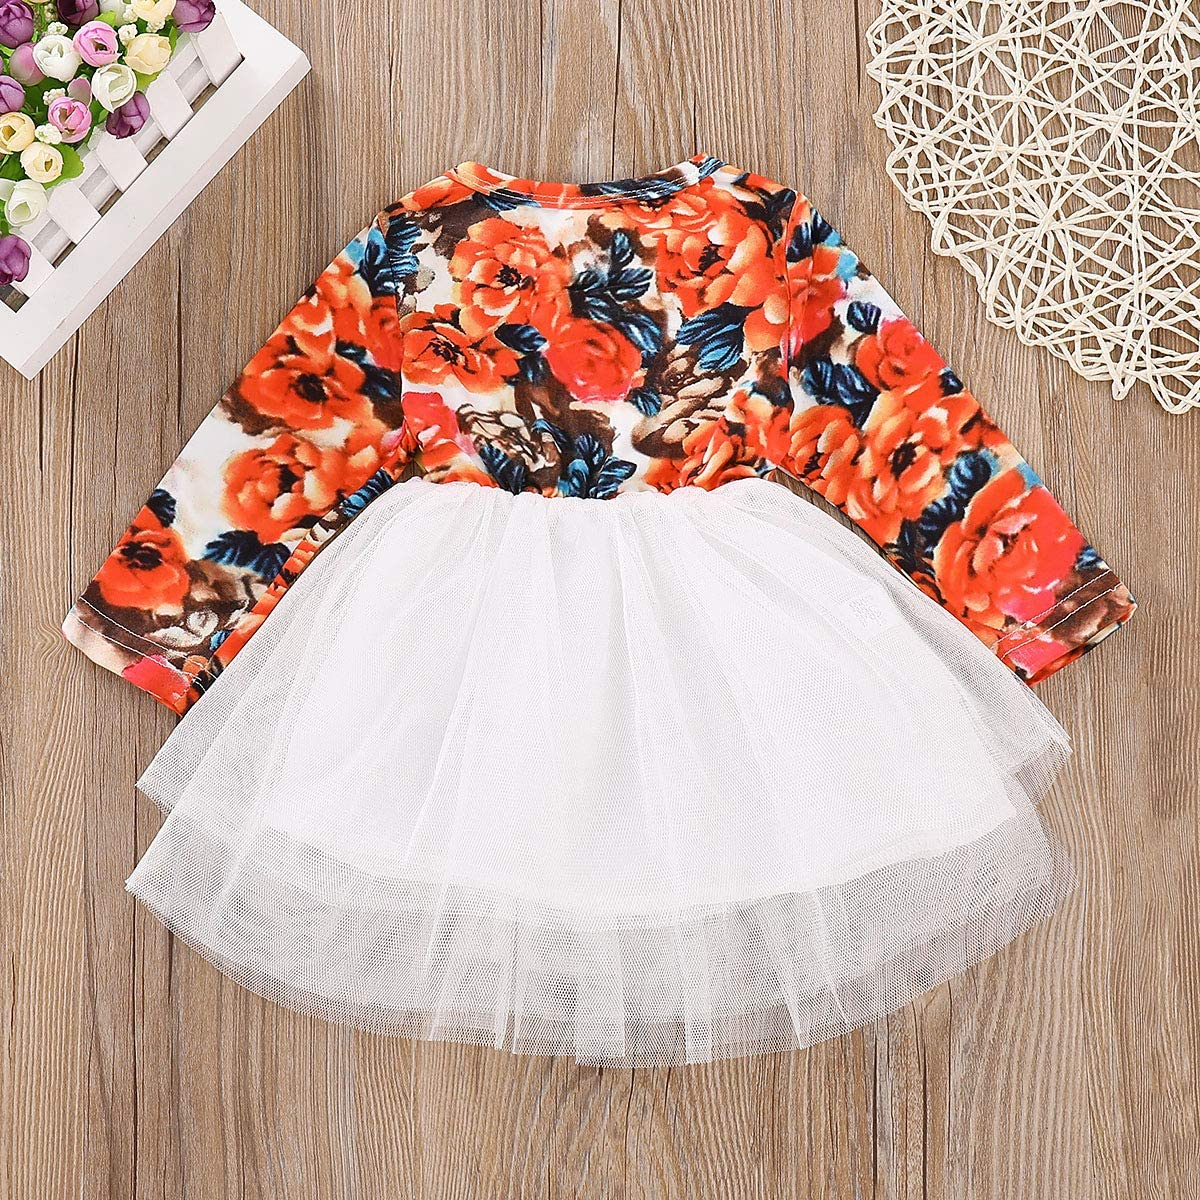 Borlai Neugeborenes Baby M/ädchen Kleid Rundhals Floral Kleid f/ür Casual Party